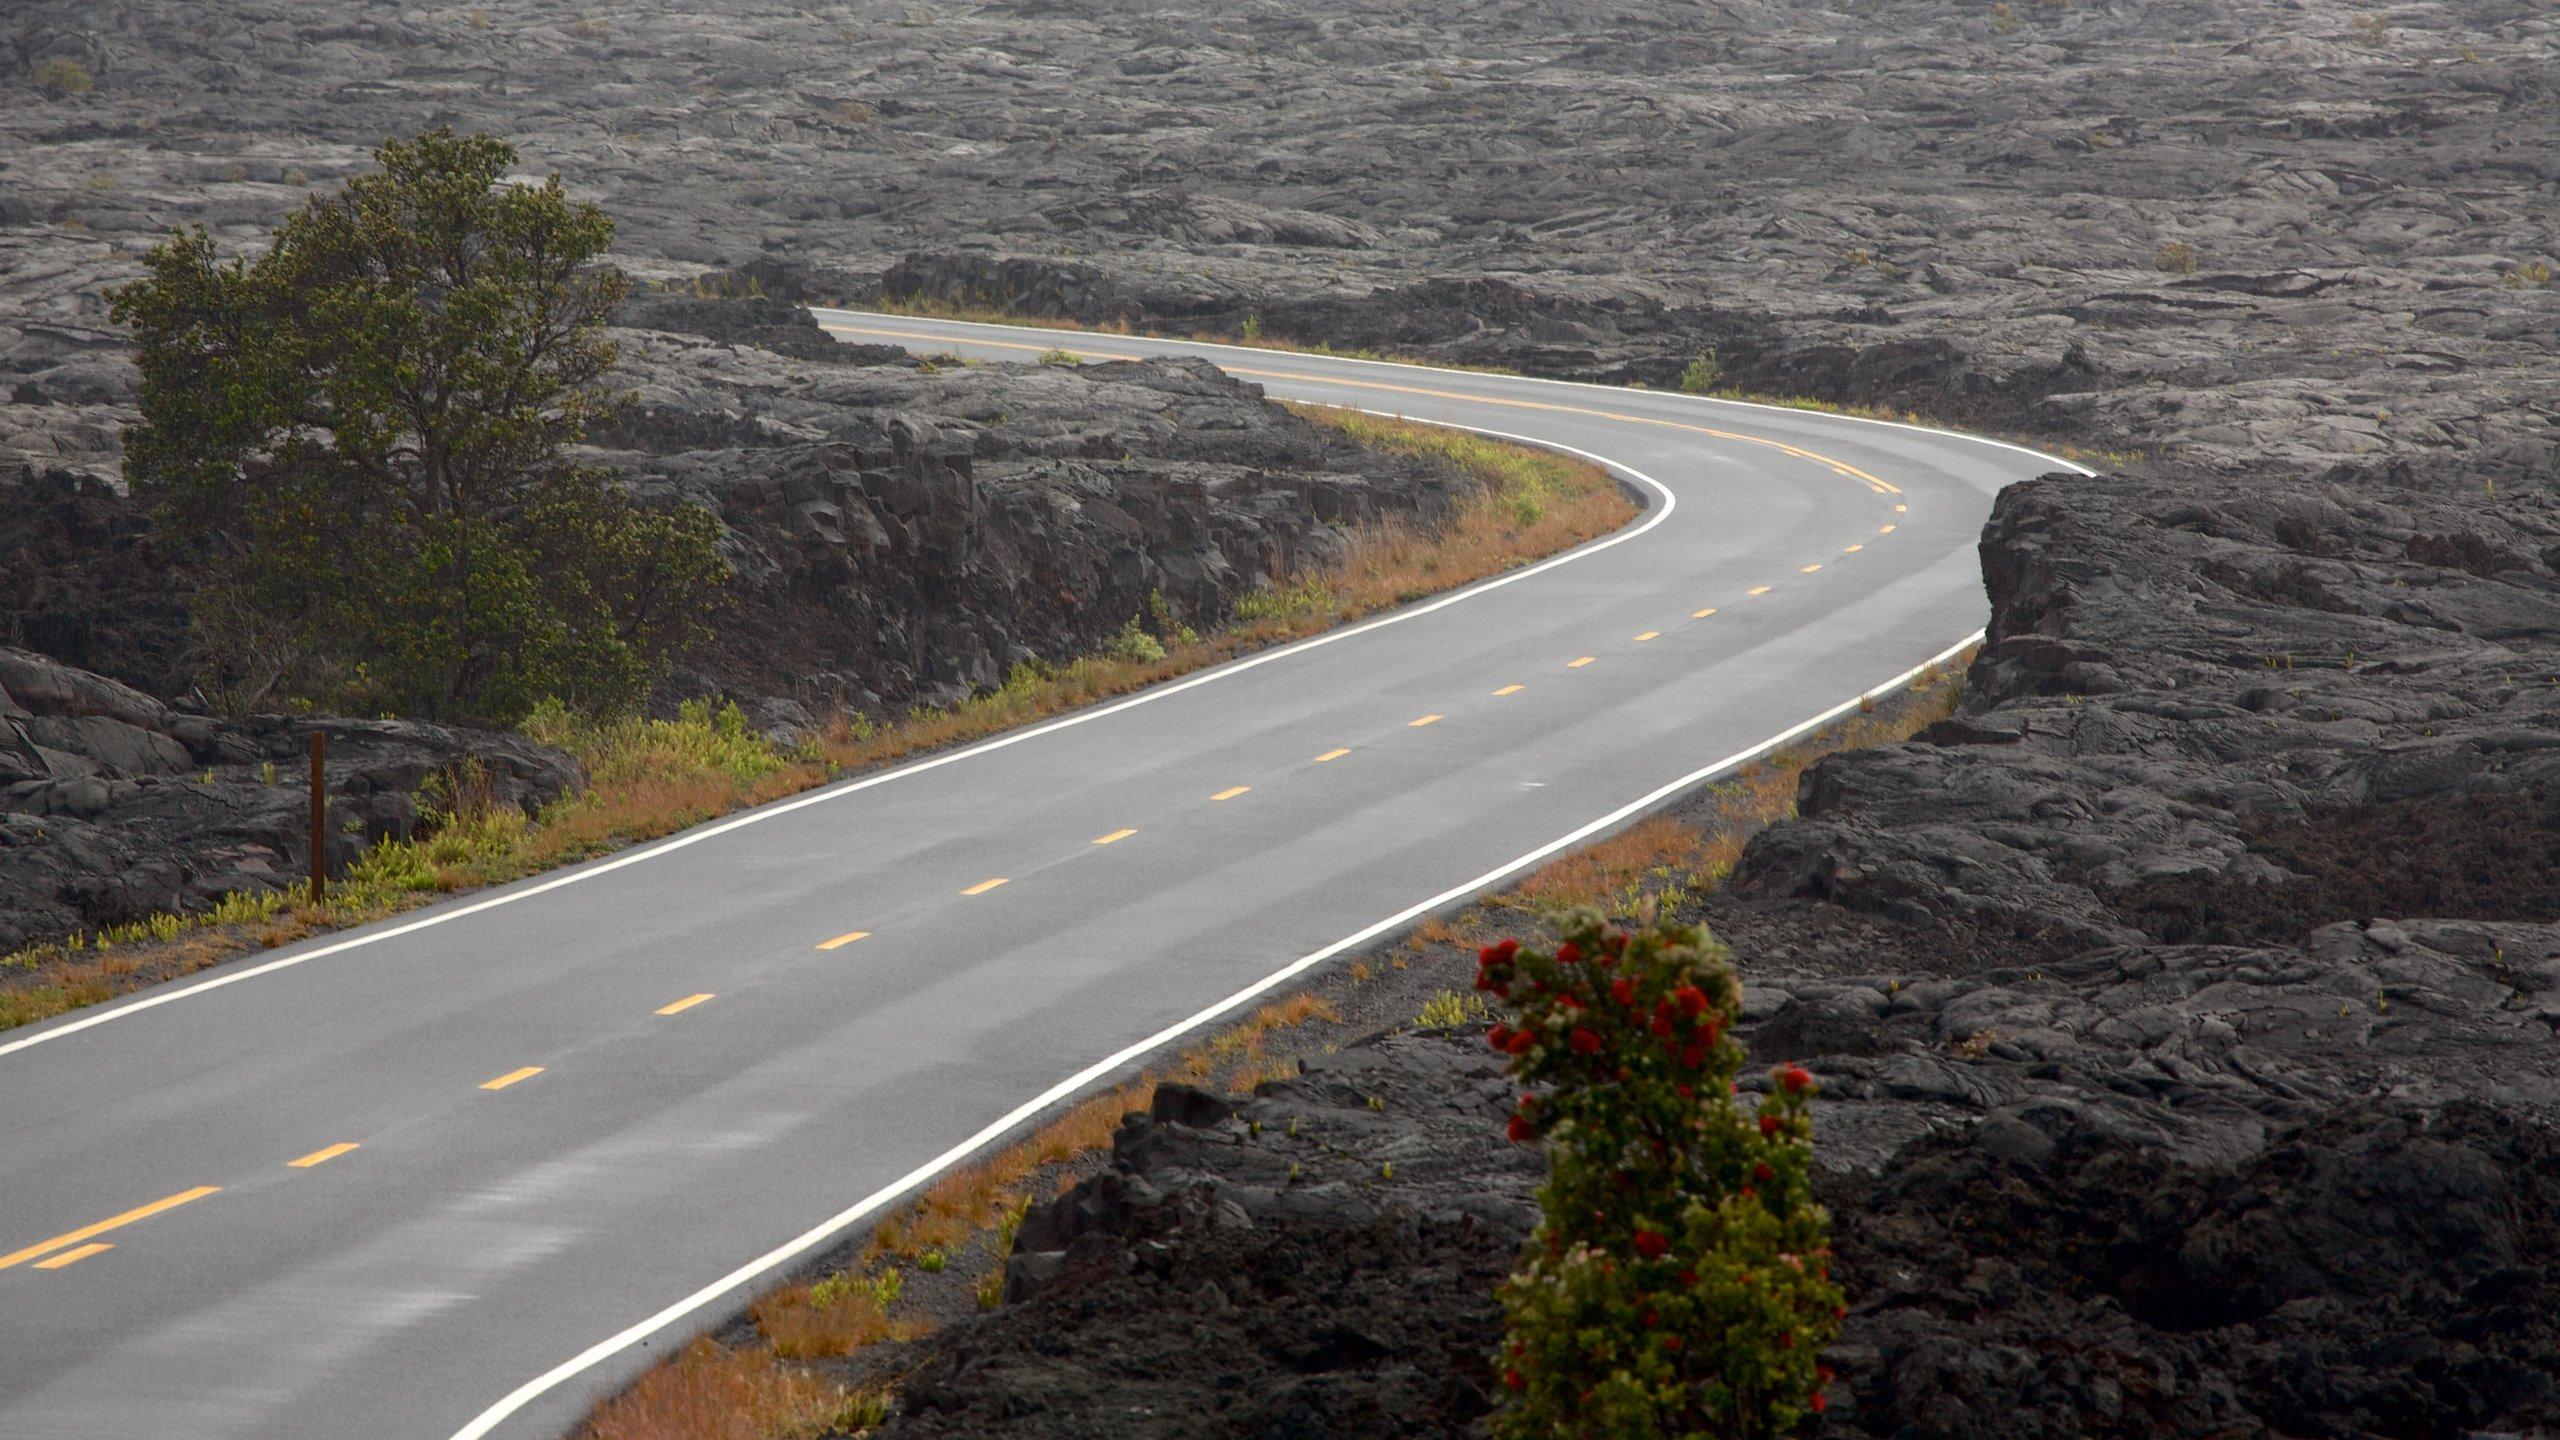 Parc national des volcans d'Hawaï, Hawaï, États-Unis d'Amérique